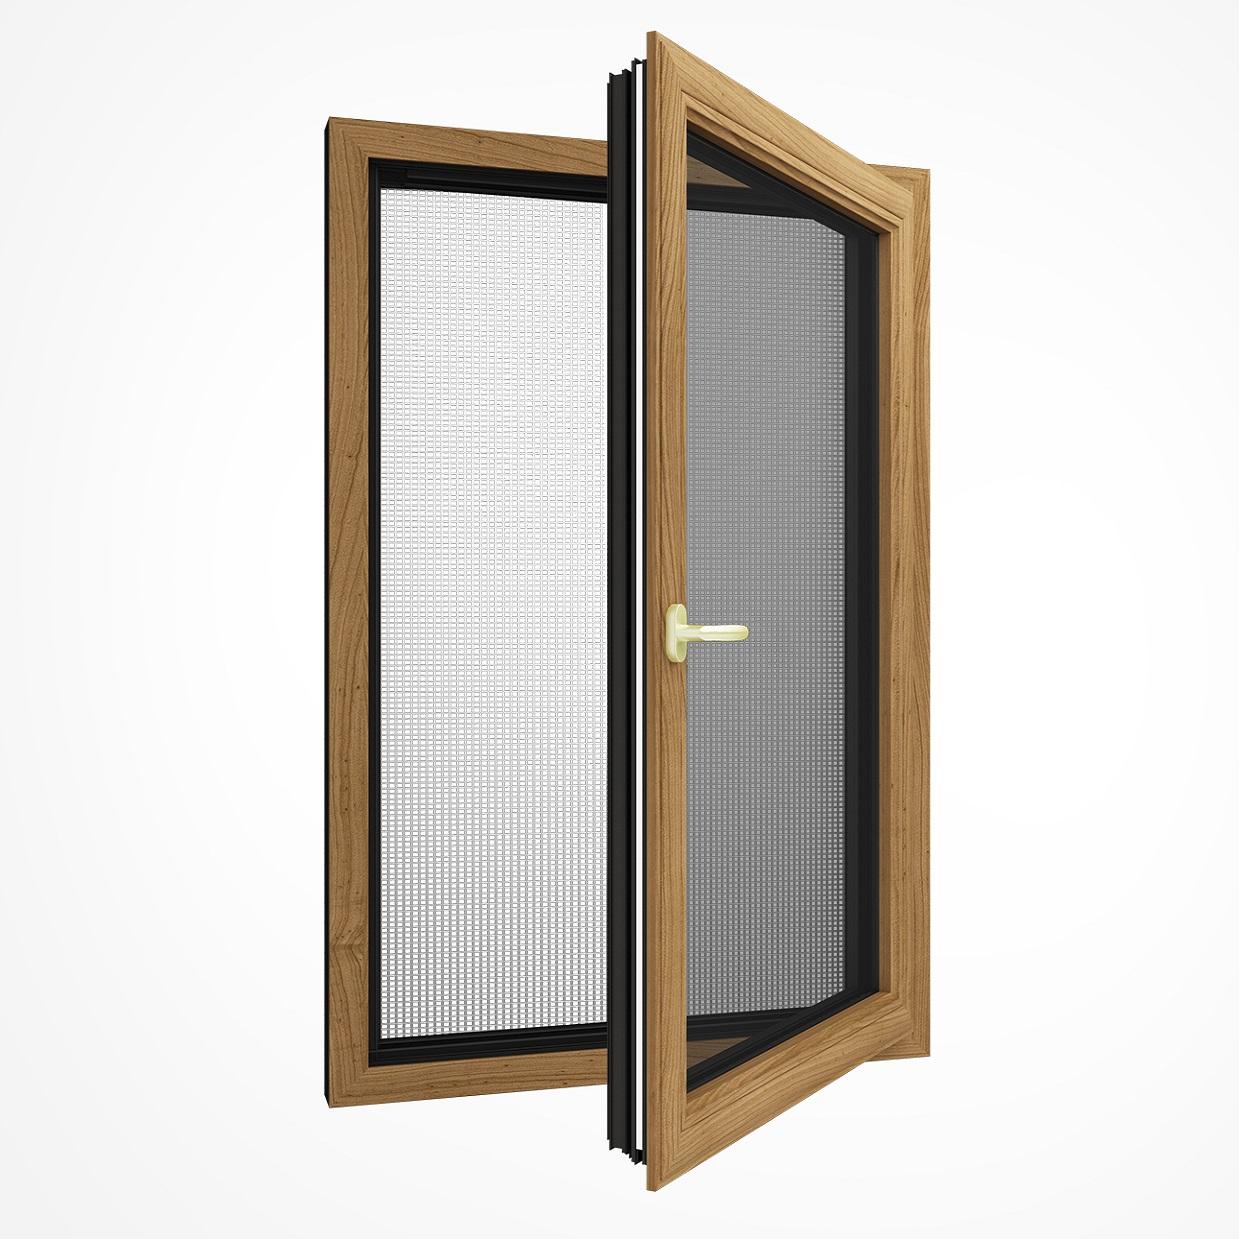 SJ-85系列铝木复合钢网一体内开内倒窗